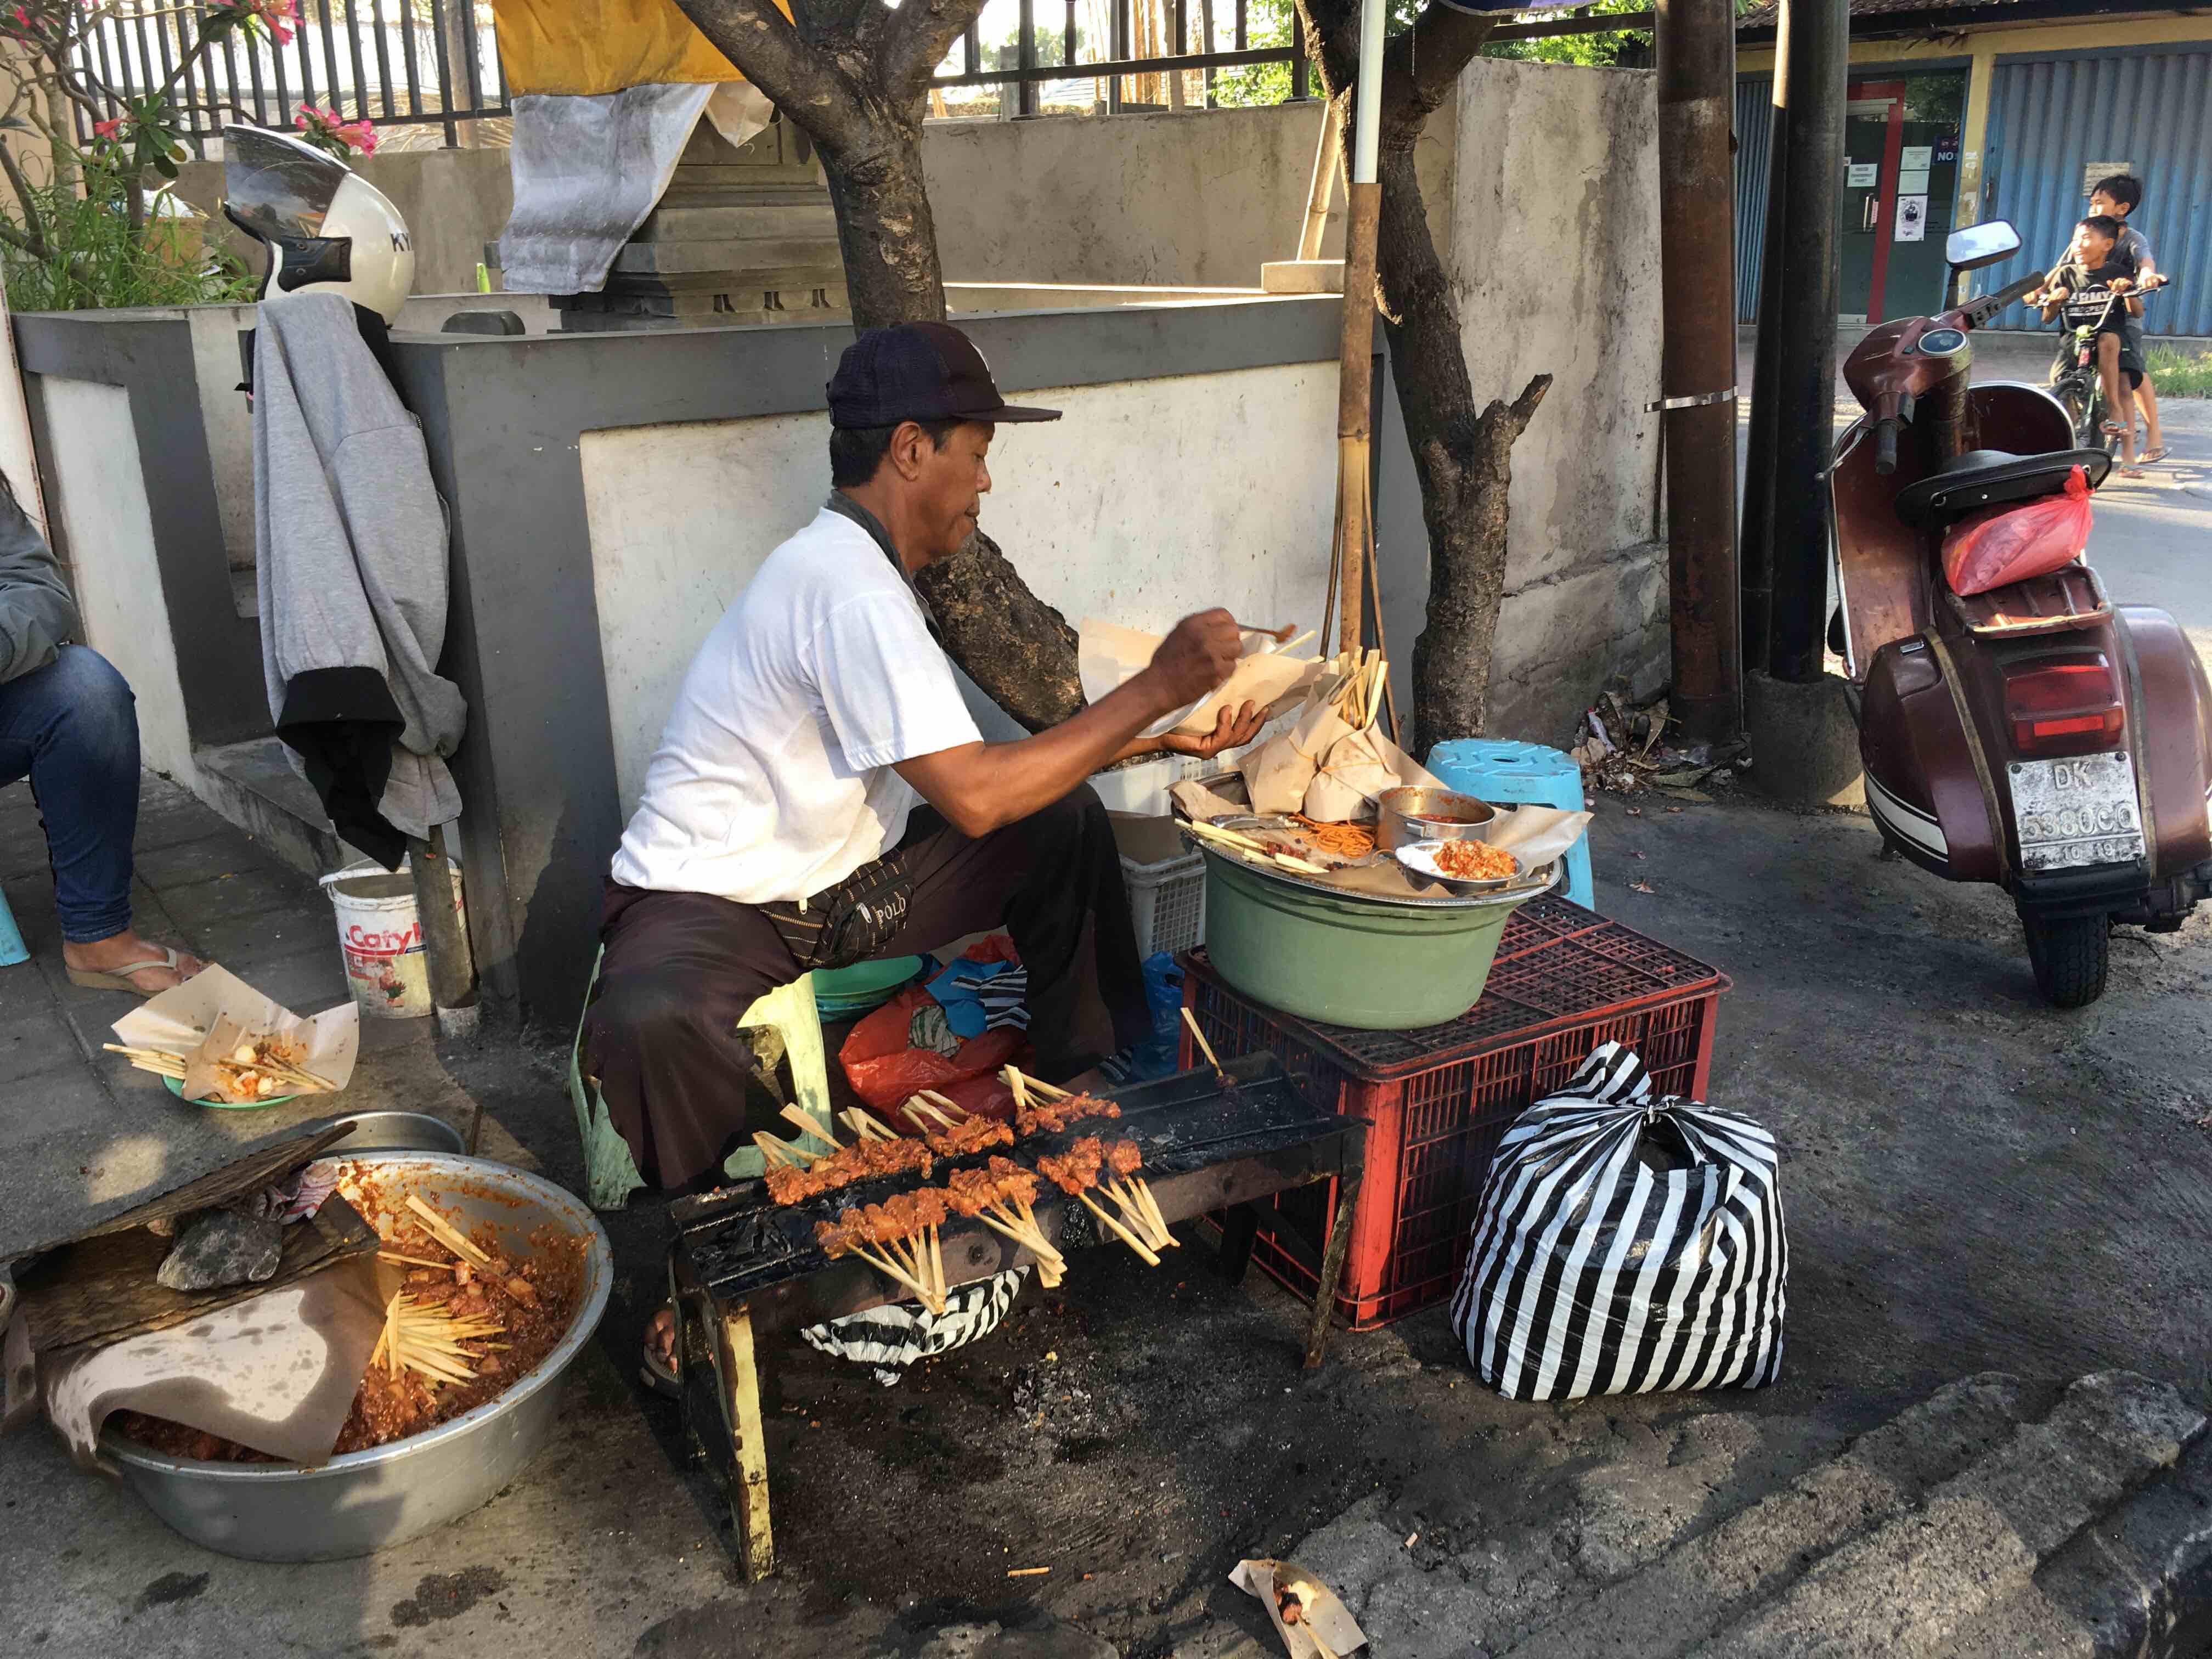 03-street food sate copy